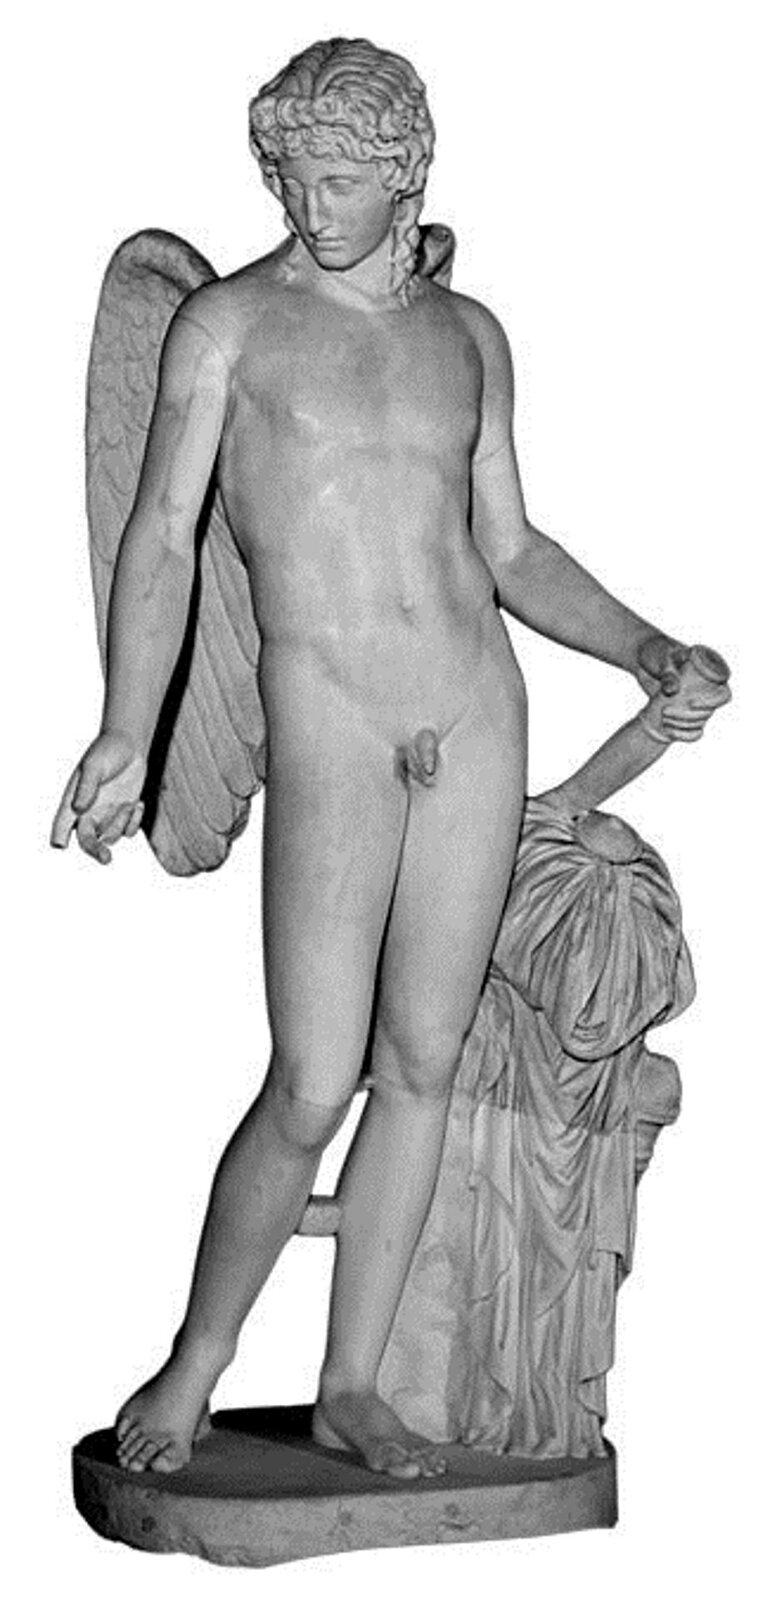 """Ilustracja przedstawia dzieło nieznanego autora pt. """"Eros Farneński"""". Na ilustracji znajduje się rzeźba Erosa. Mężczyzna przedstawiony został nago jako młody bóg ze skrzydłami. Obok postaci znajduje się pomarszczony materiał, azniego wystaje kołek, który młody mężczyzna trzyma wdłoni. Rzeźba jest wodcieniach szarości izostała ustawiona na podeście."""